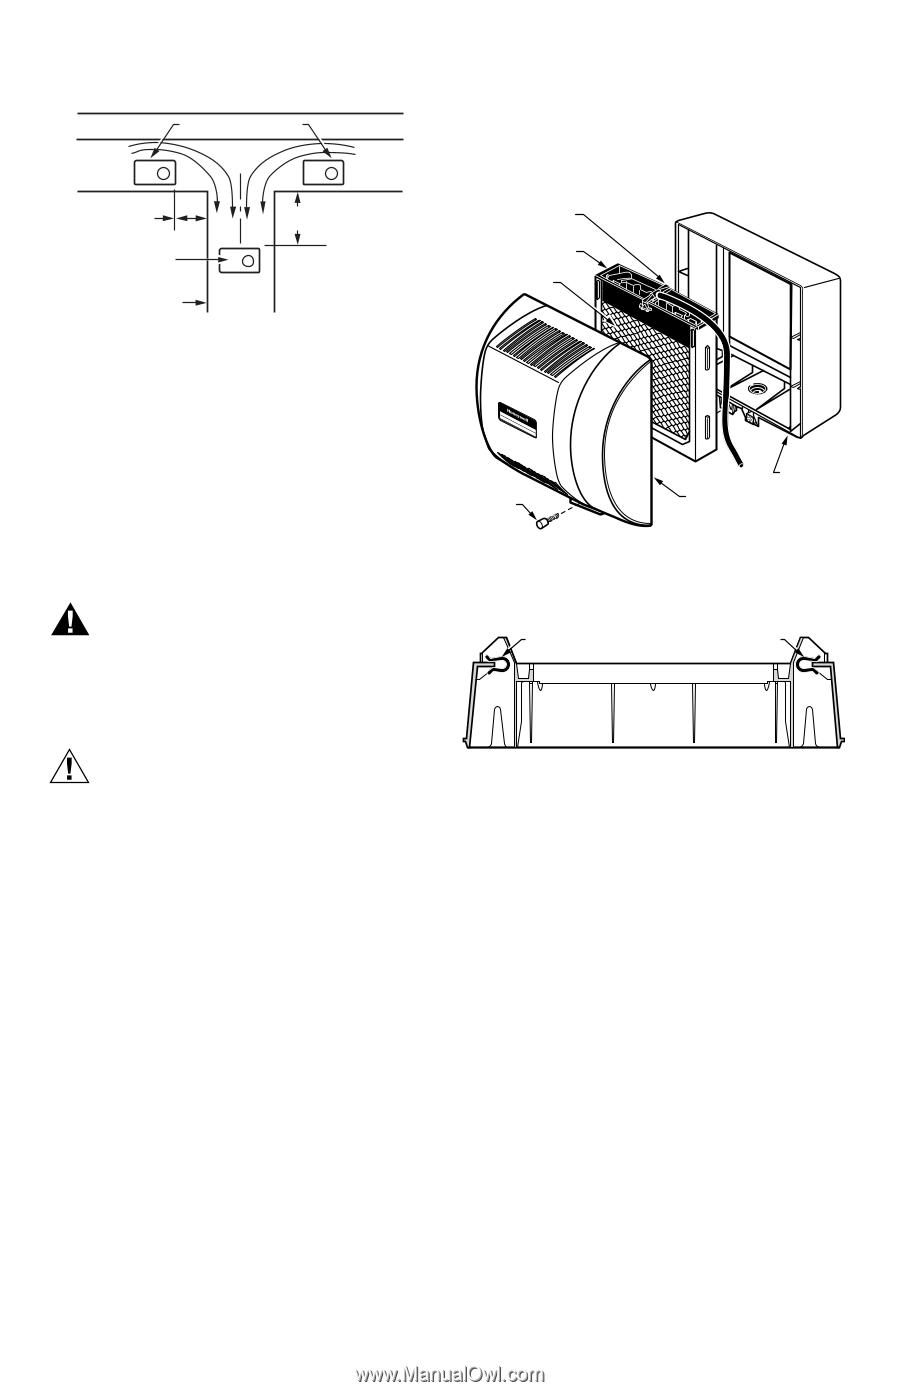 He360 Humidifier Wiring Diagram